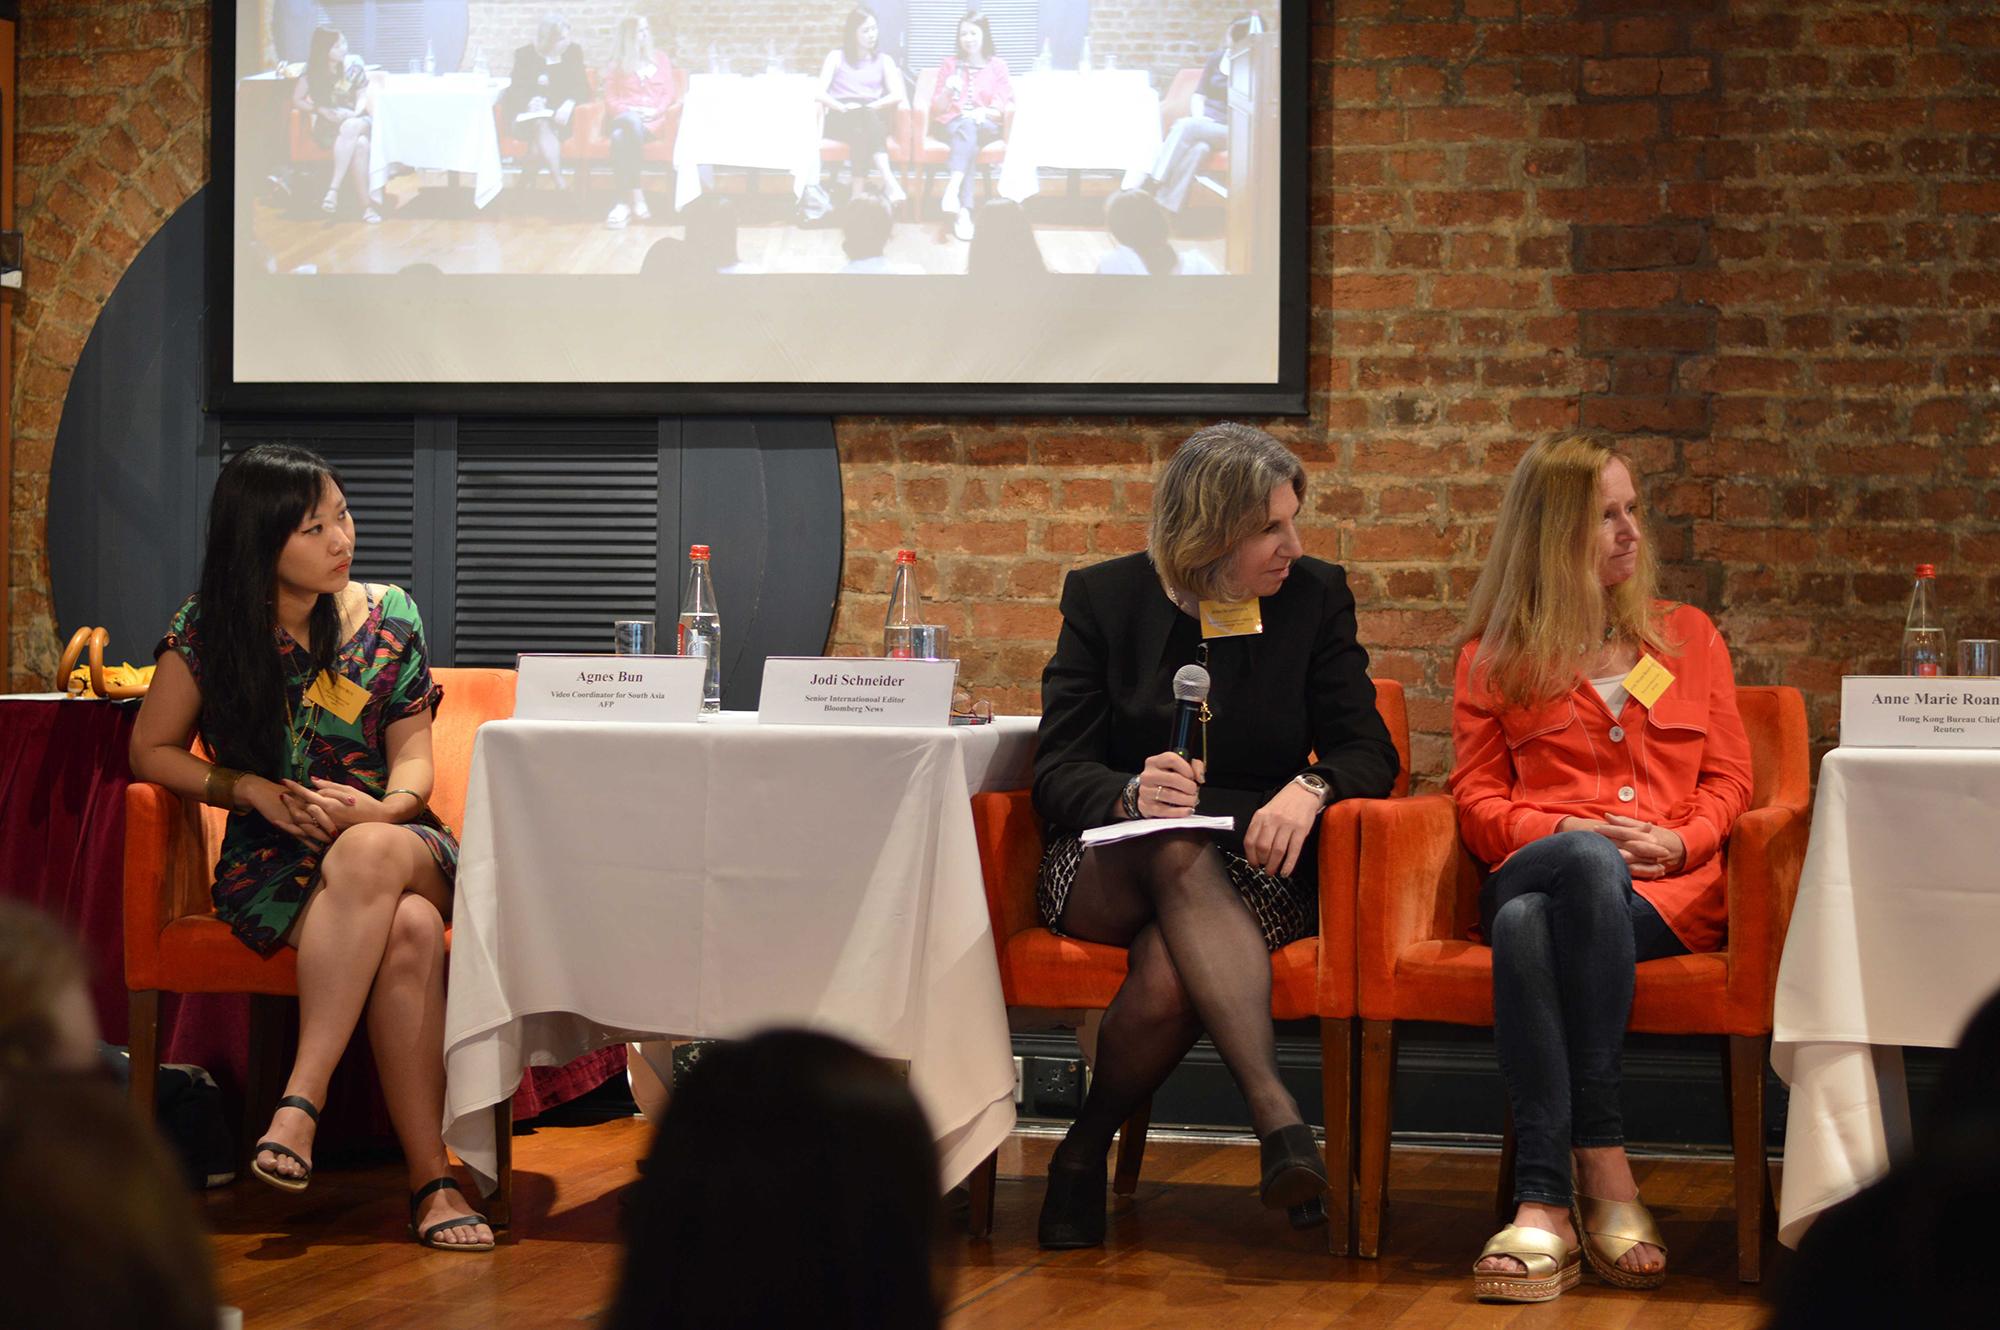 From left, Agnès Bun, Jodi Schneider, Ann Marie Roantree